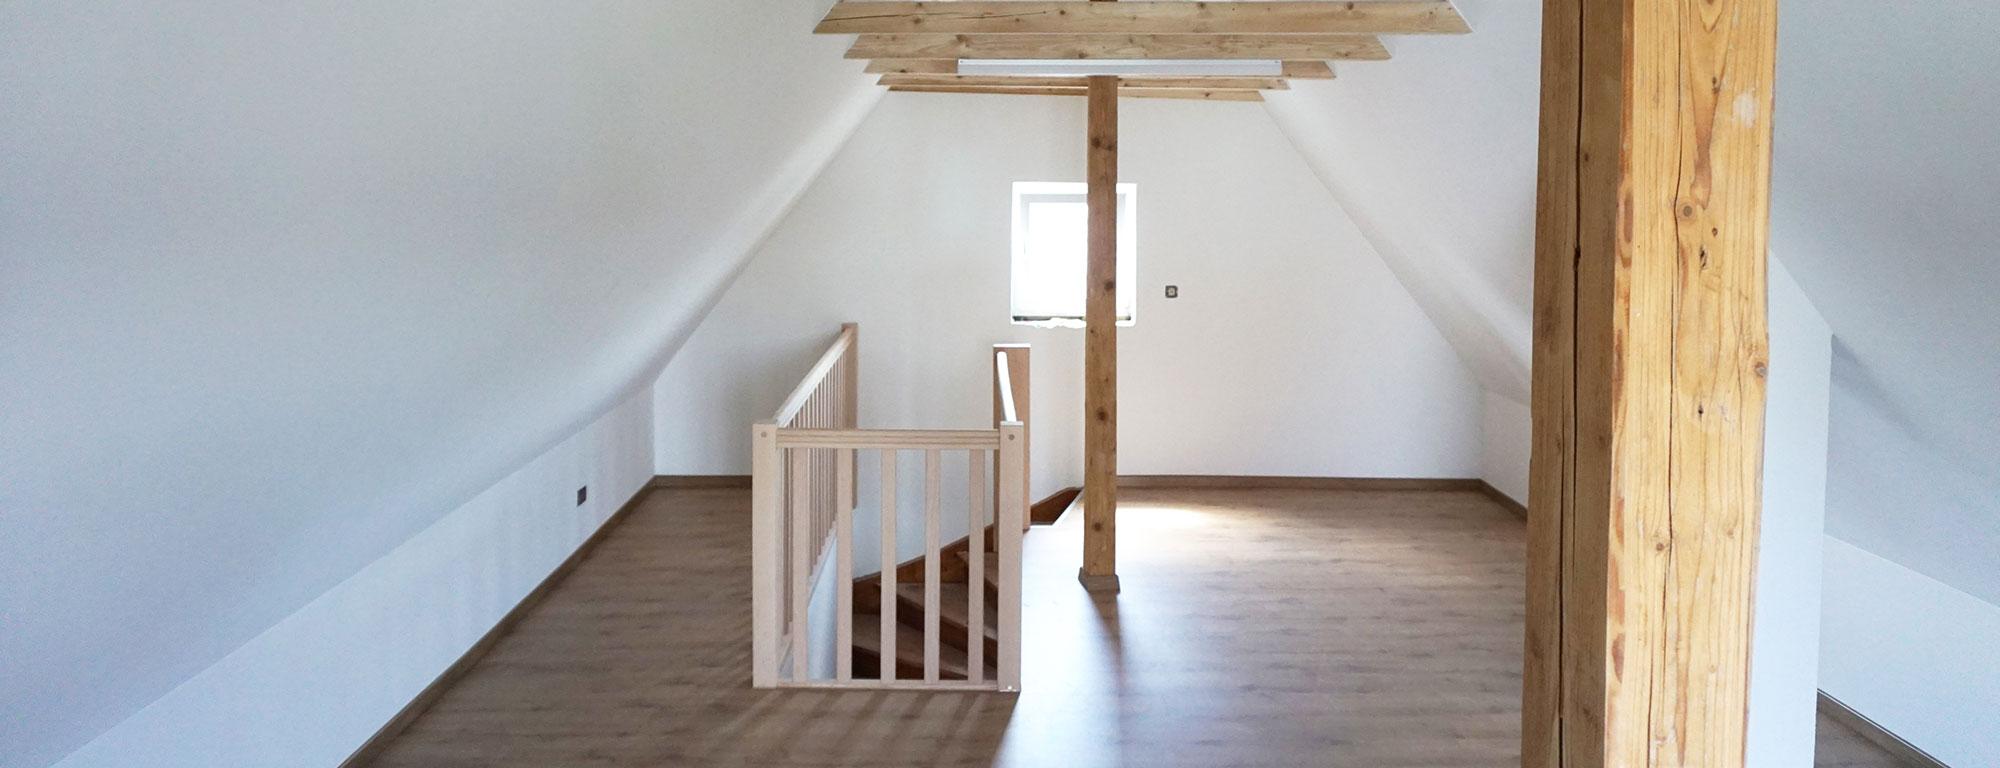 Kompletter Wohnhausumbau vom Keller bis zum Dachboden durch Bauunternehmen bendl aus Günzburg